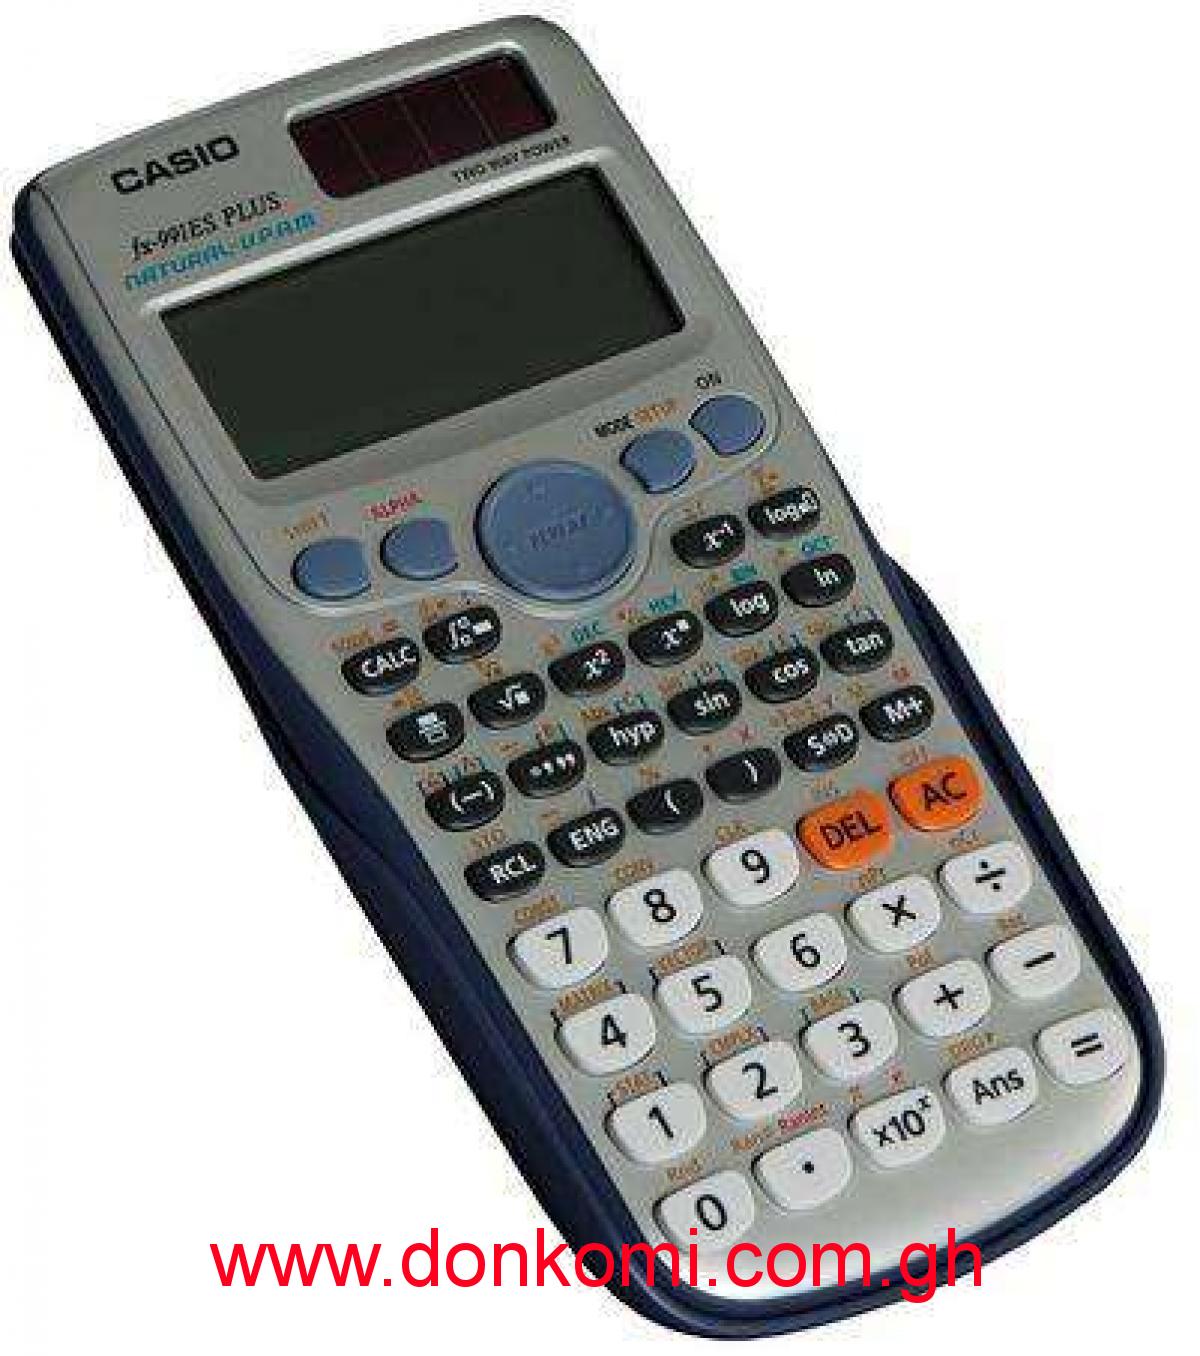 osalo scientific calculators (wholesale prices)